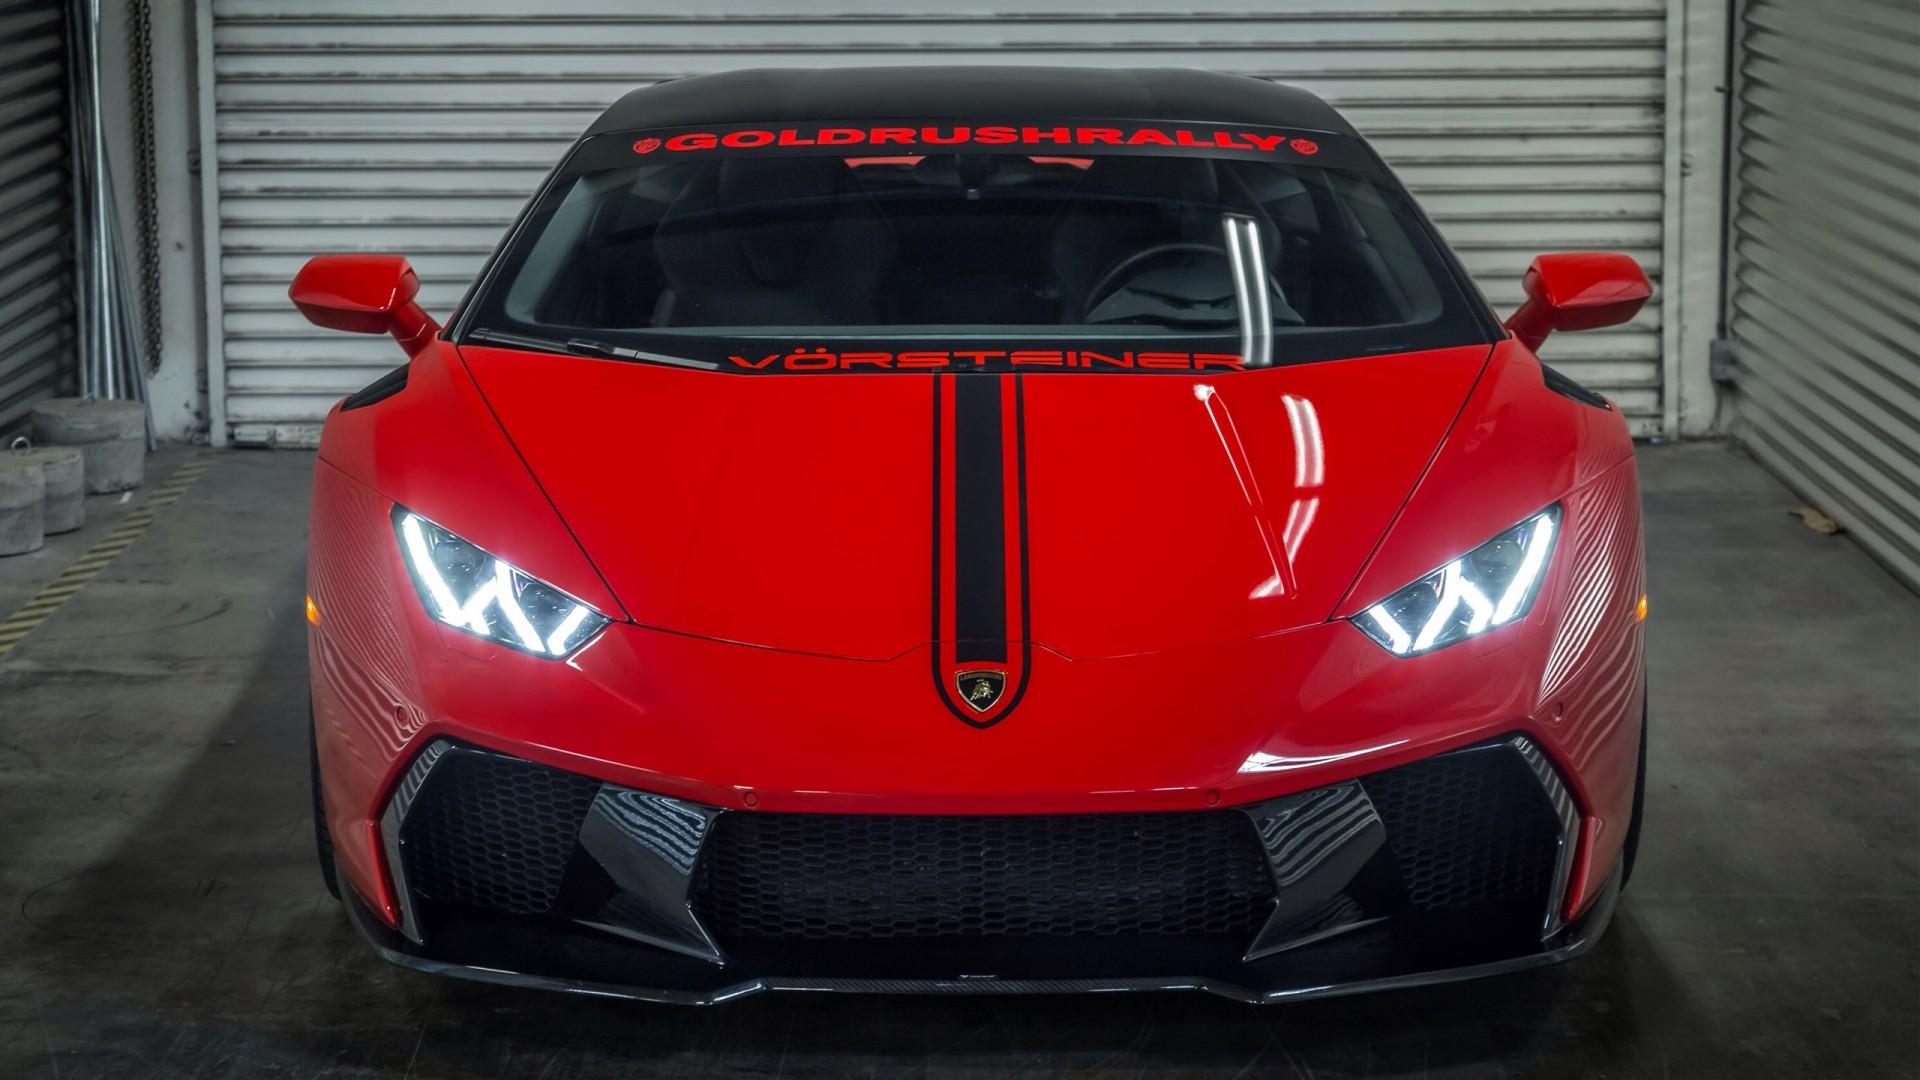 Car Wallpape Vorsteiner Lamborghini Huracan Novara 2016 Wallpapers Hd